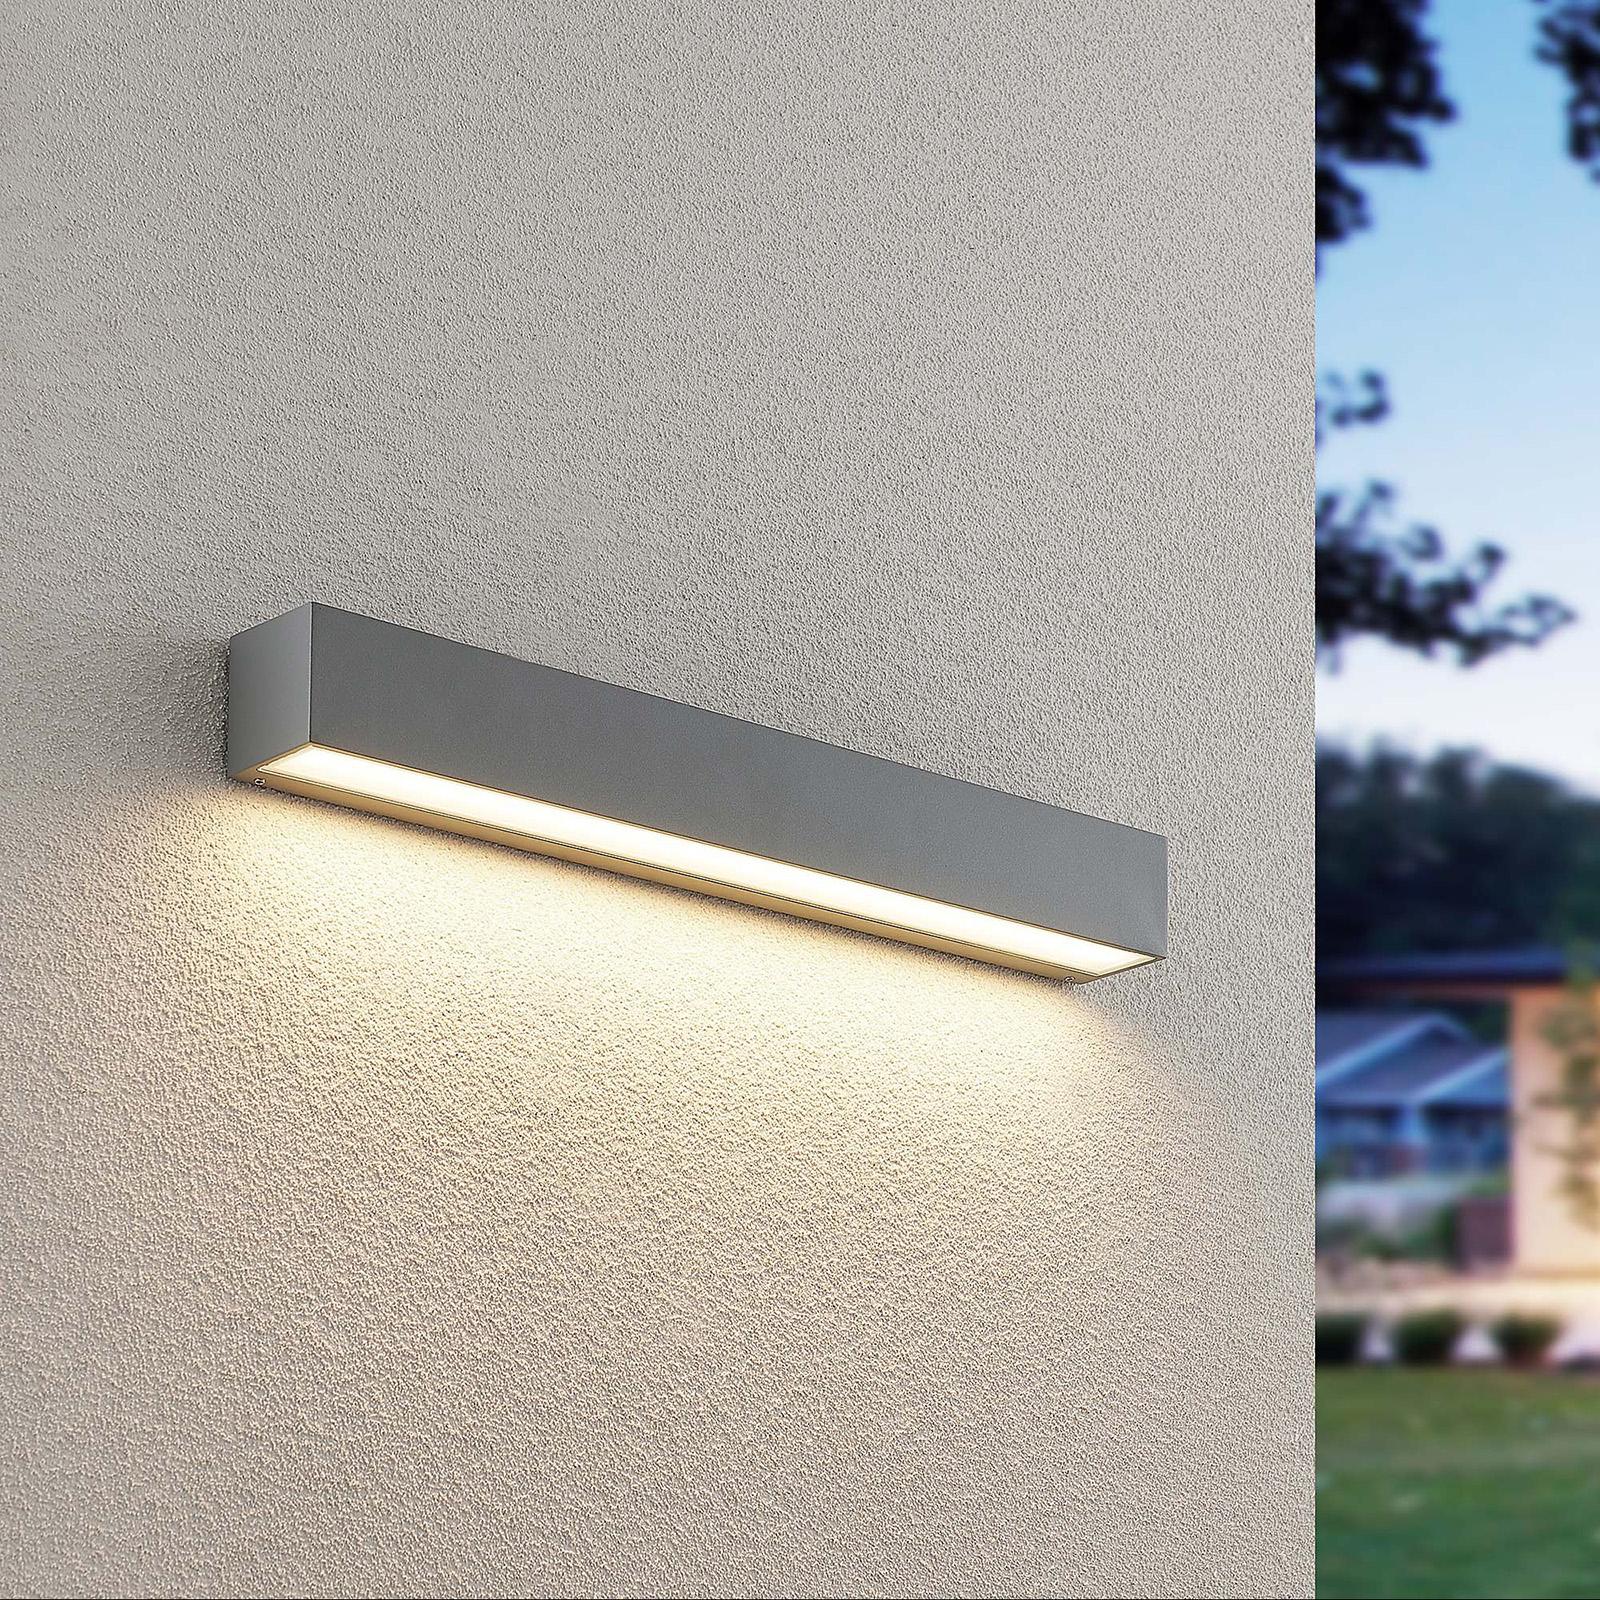 Lucande Lengo LED-væglampe, 50 cm sølv 1 lyskilder